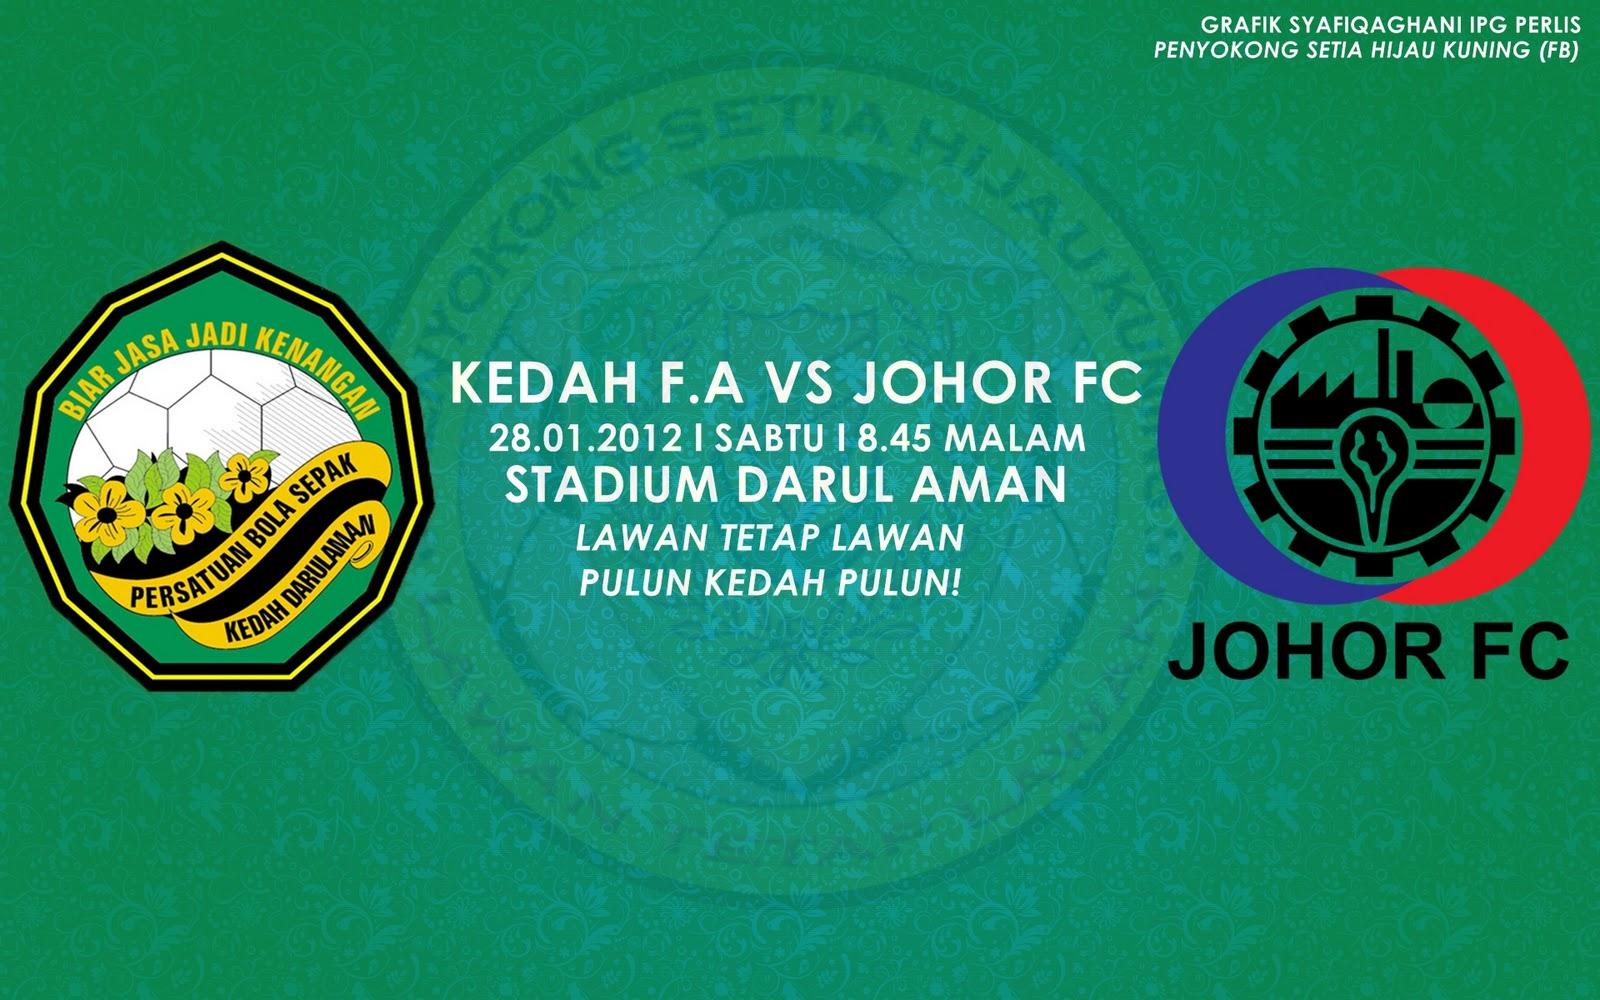 Penyokong setia hijau kuning liga super 2012 l kedah f a for Home wallpaper kedah